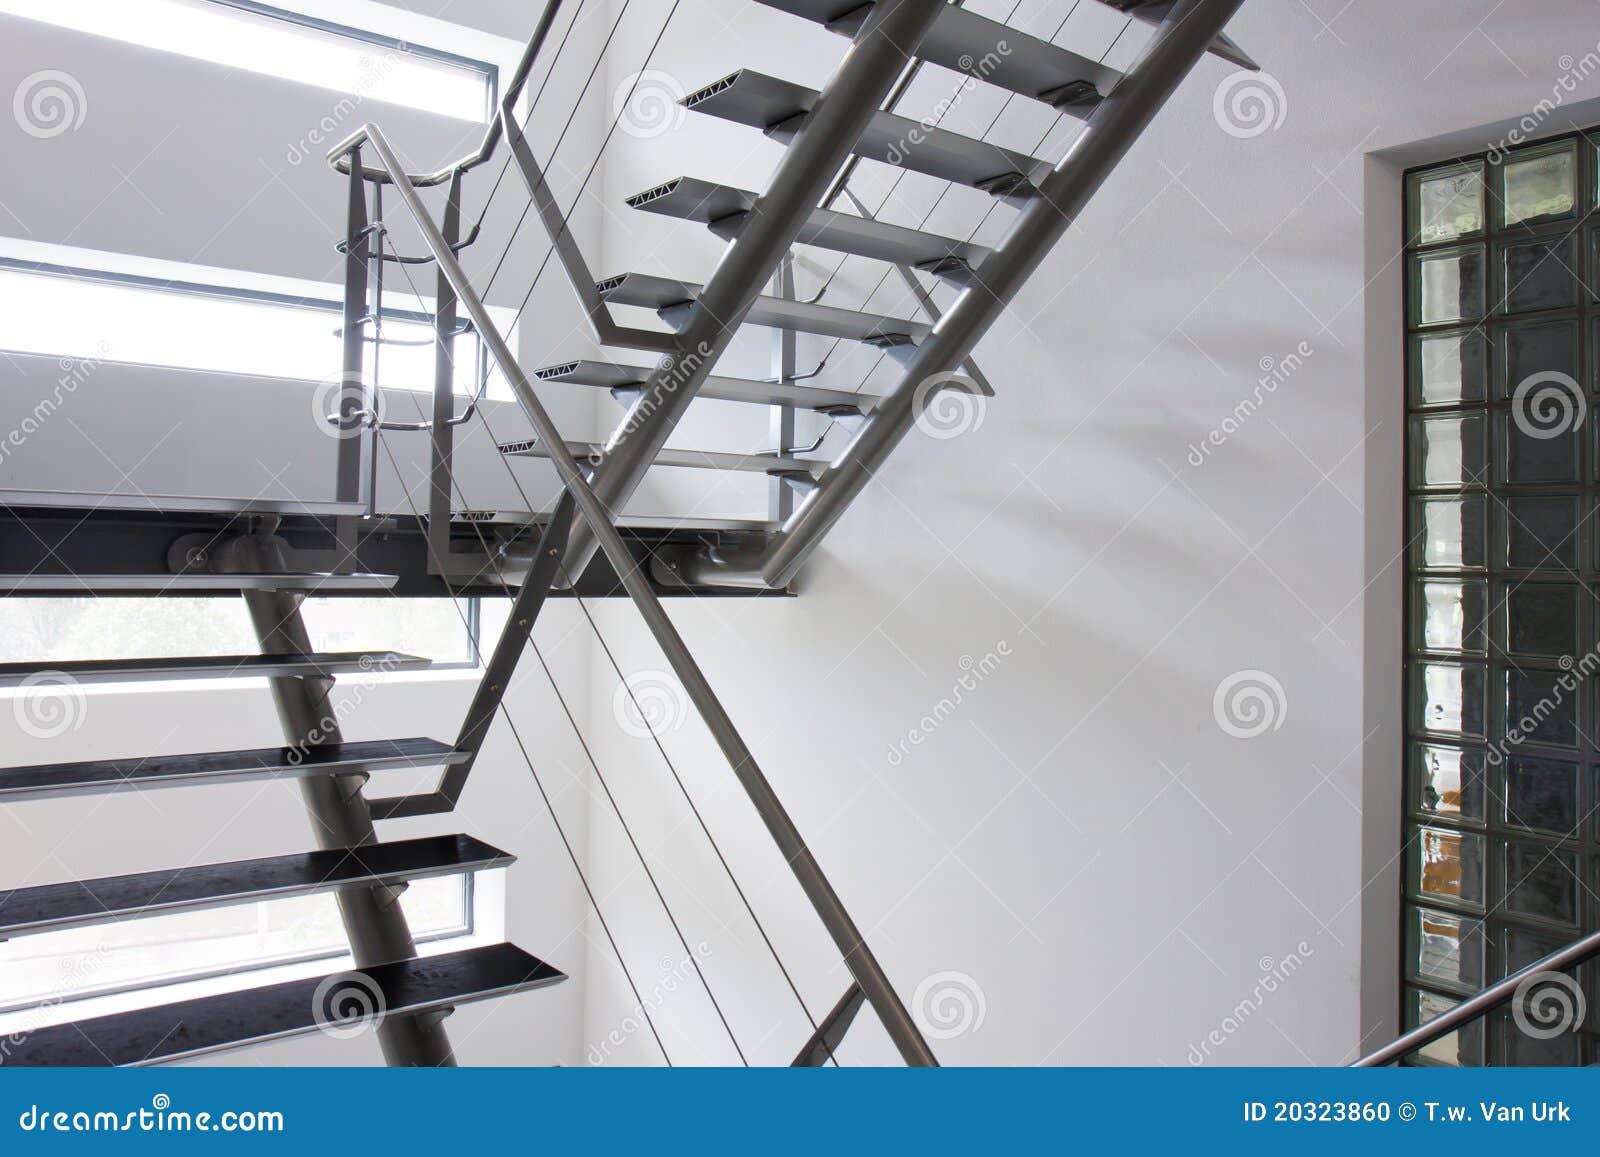 Salida de emergencia por una escalera en un edificio for Escaleras de emergencia